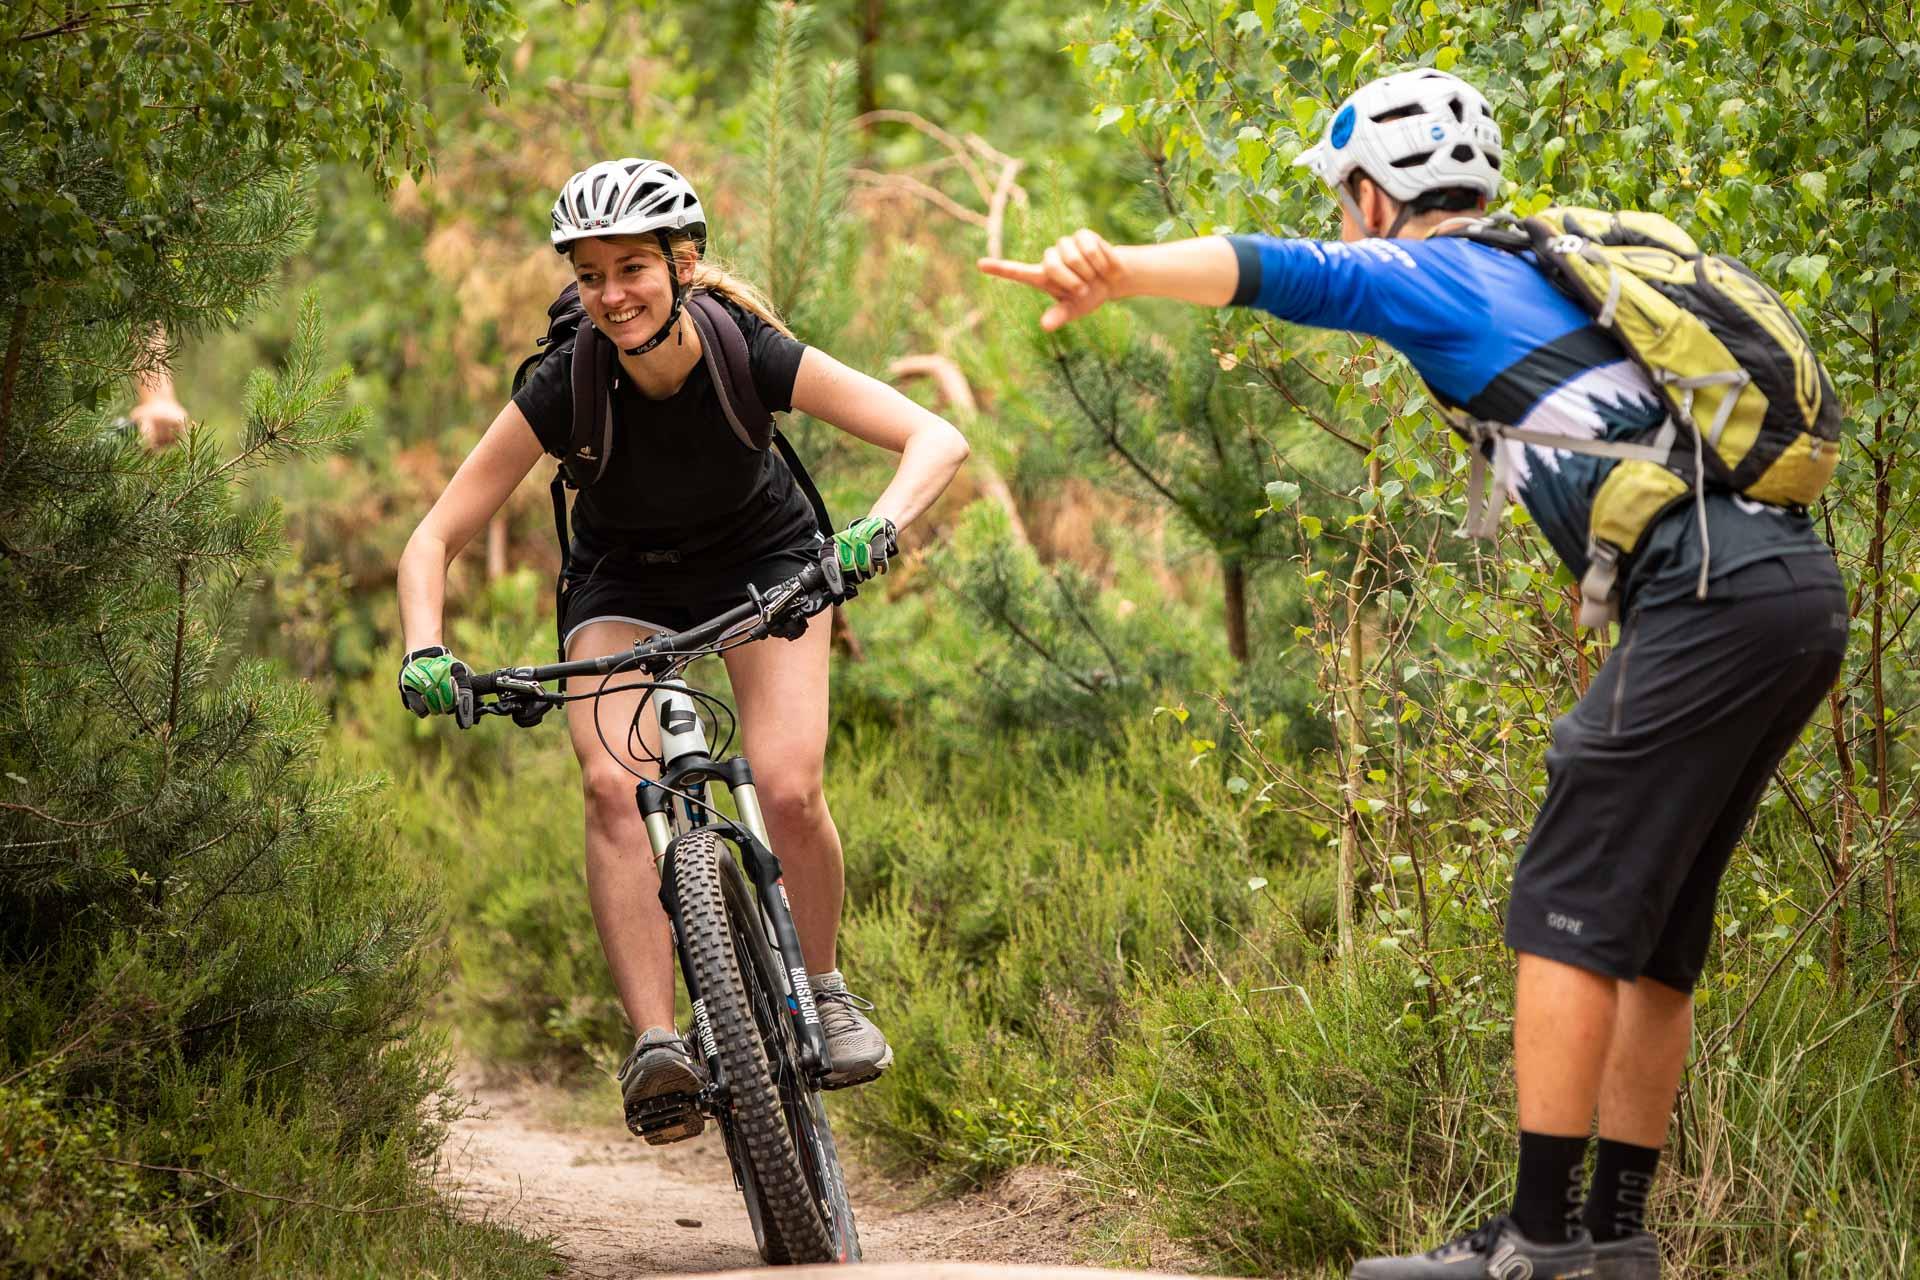 MTB Fahrtechnik Kurs für Einsteiger in Saarbrücken - Mountainbike Basic - Rock my Trail Bikeschule - 31